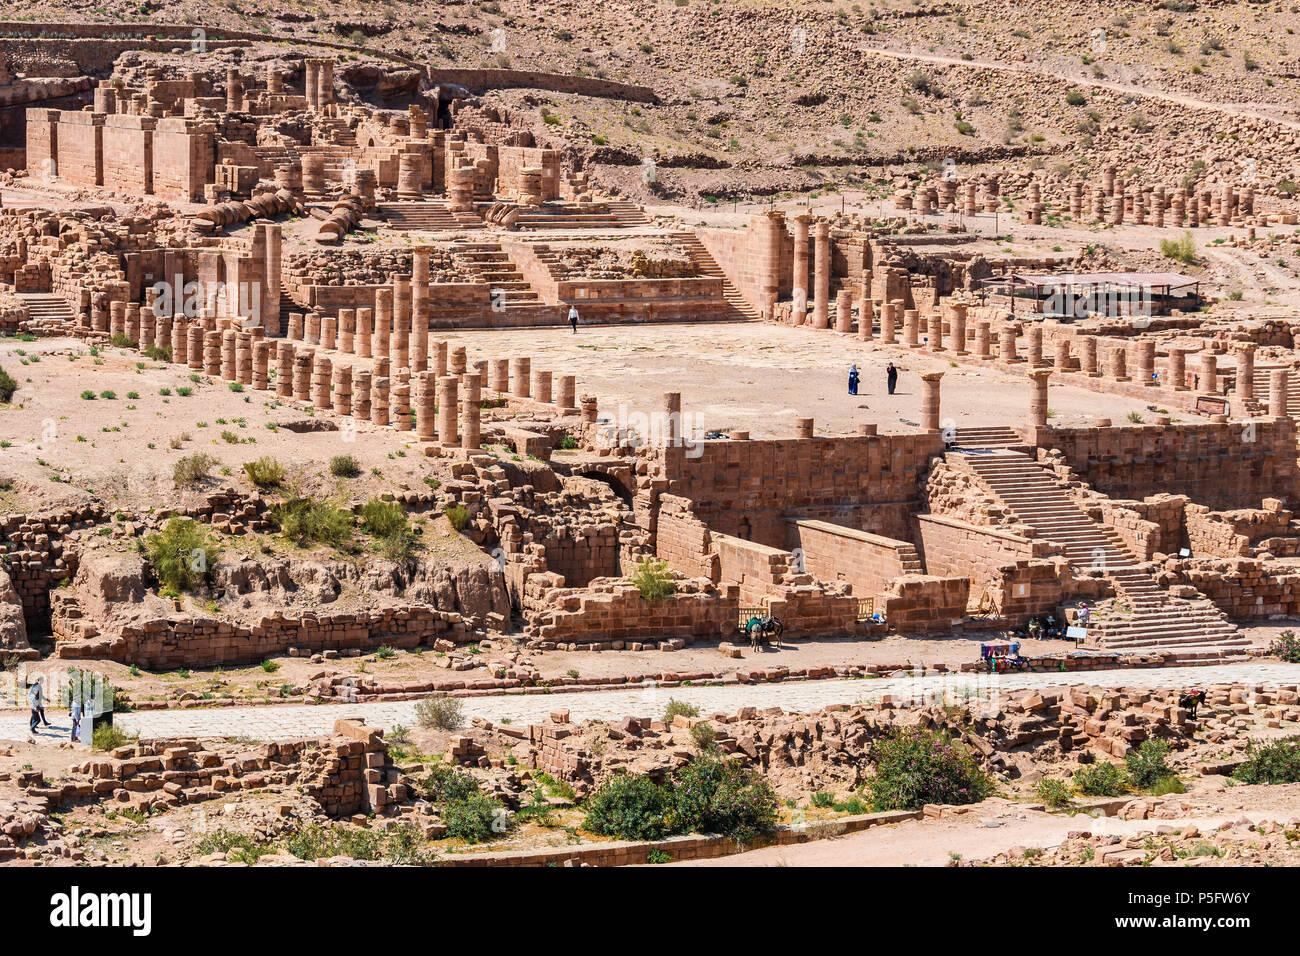 Il grande tempio della città perduta di Petra, Giordania Immagini Stock